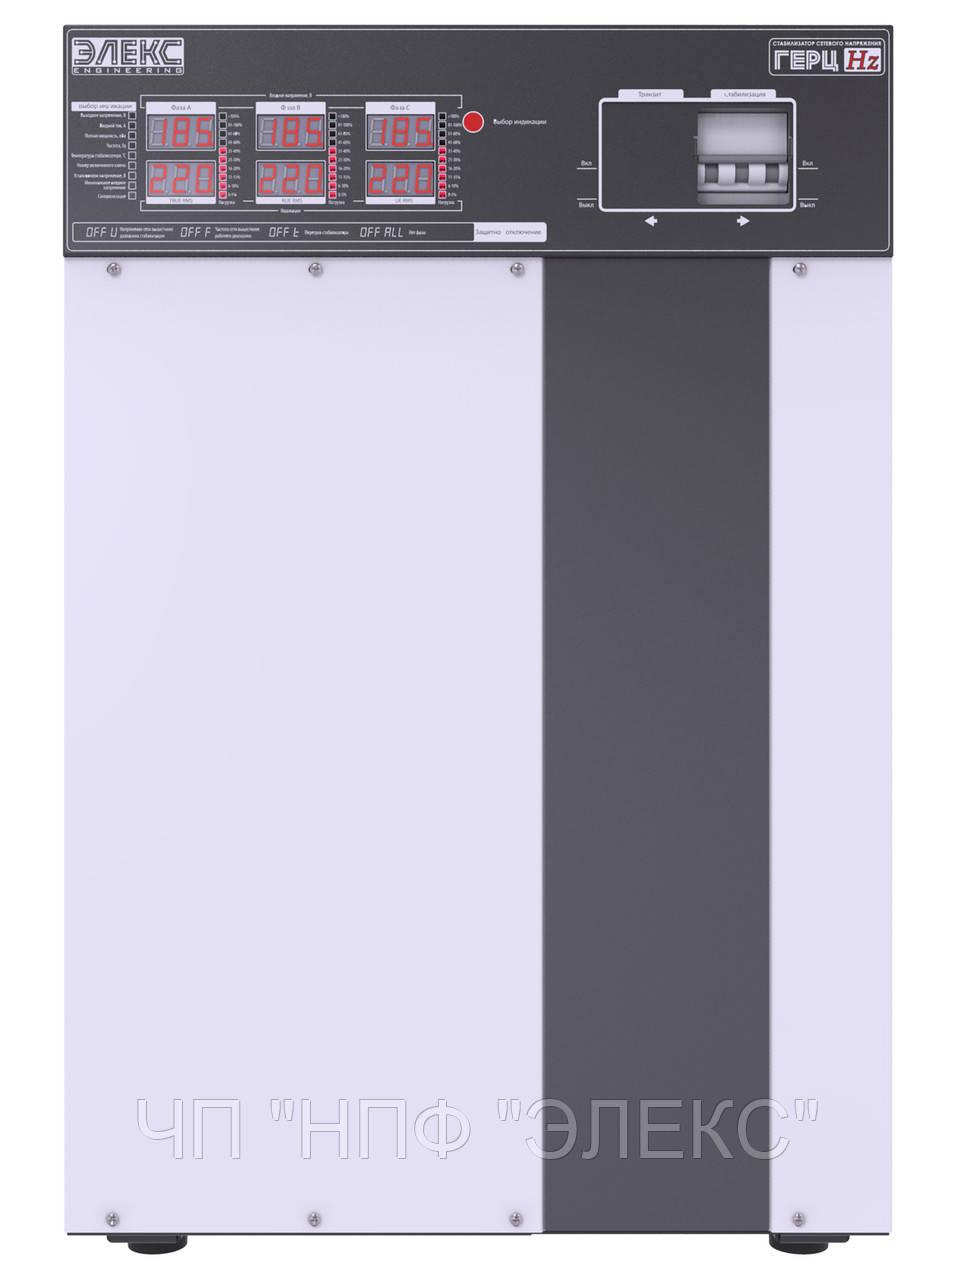 Стабилизатор напряжения трехфазный ГЕРЦ 16-3*25 v3.0 (16,5 кВА/кВт), 36 - ступенчатый, тиристорный